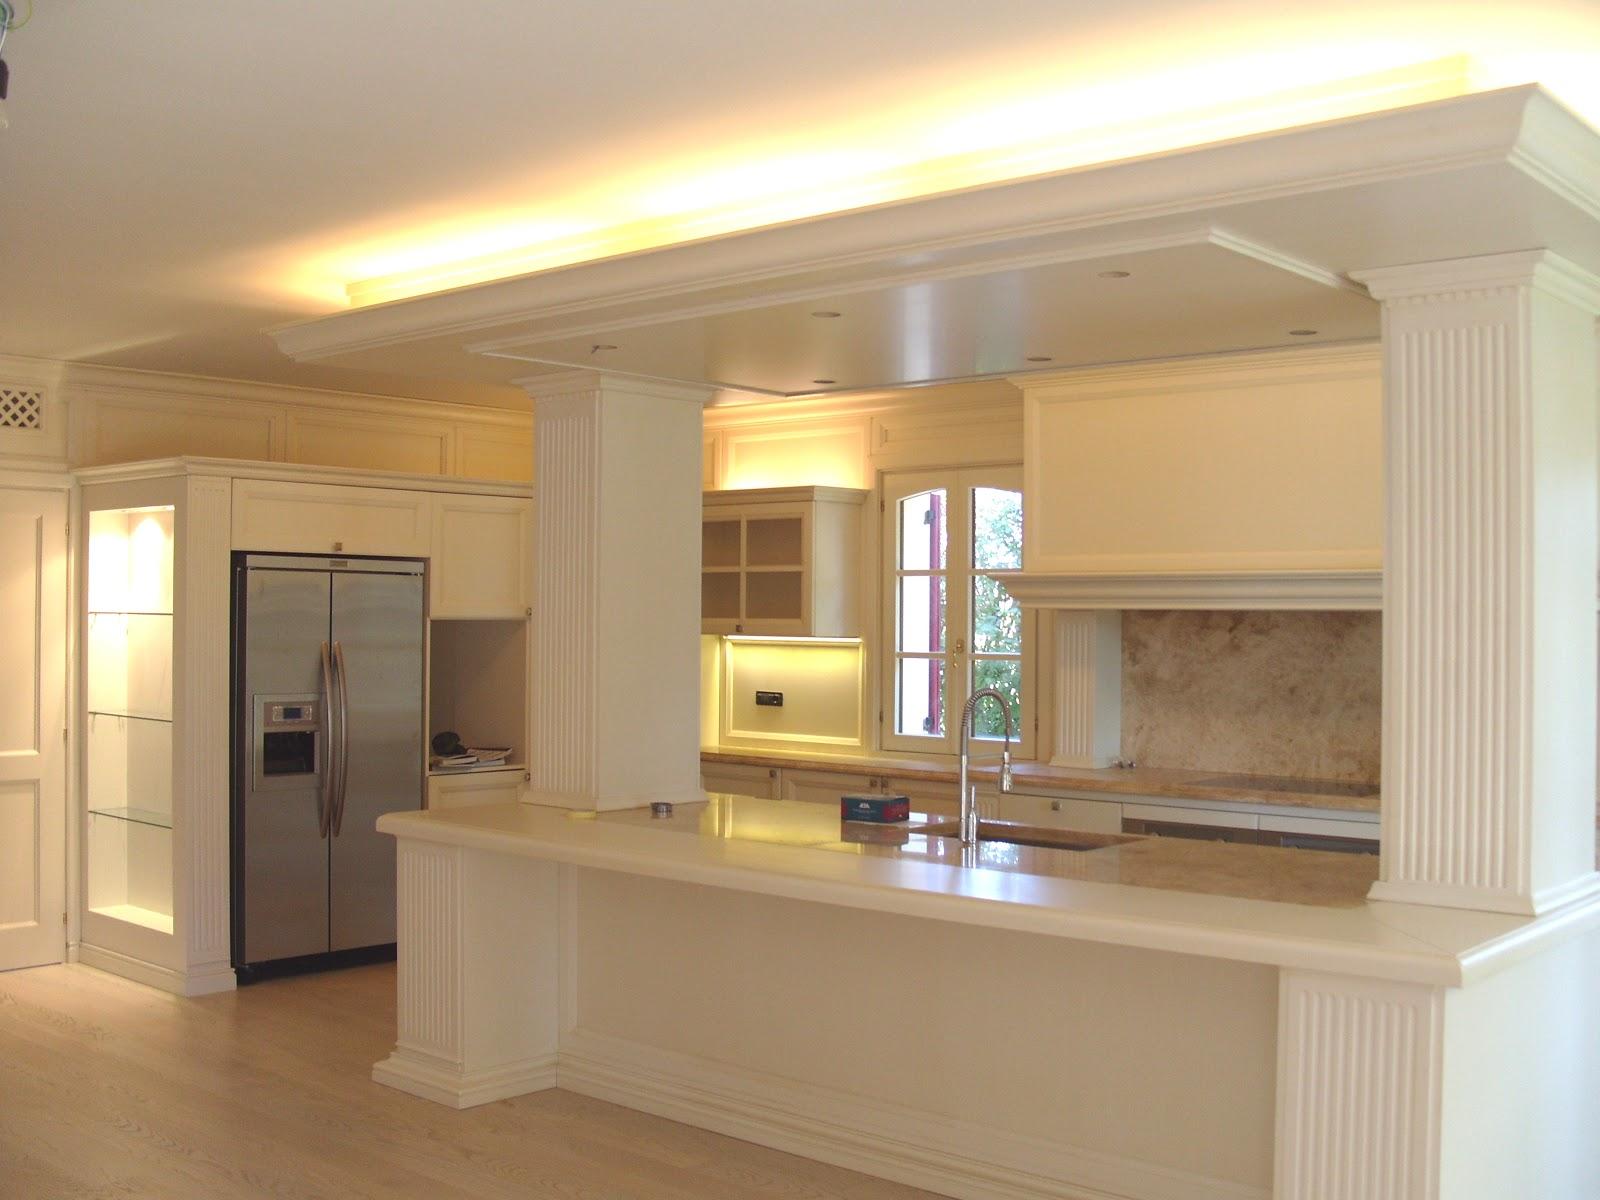 Mobili su misura arredamenti su misura di qualit cucine classiche laccate bianche produciamo - Cucine classiche bianche ...